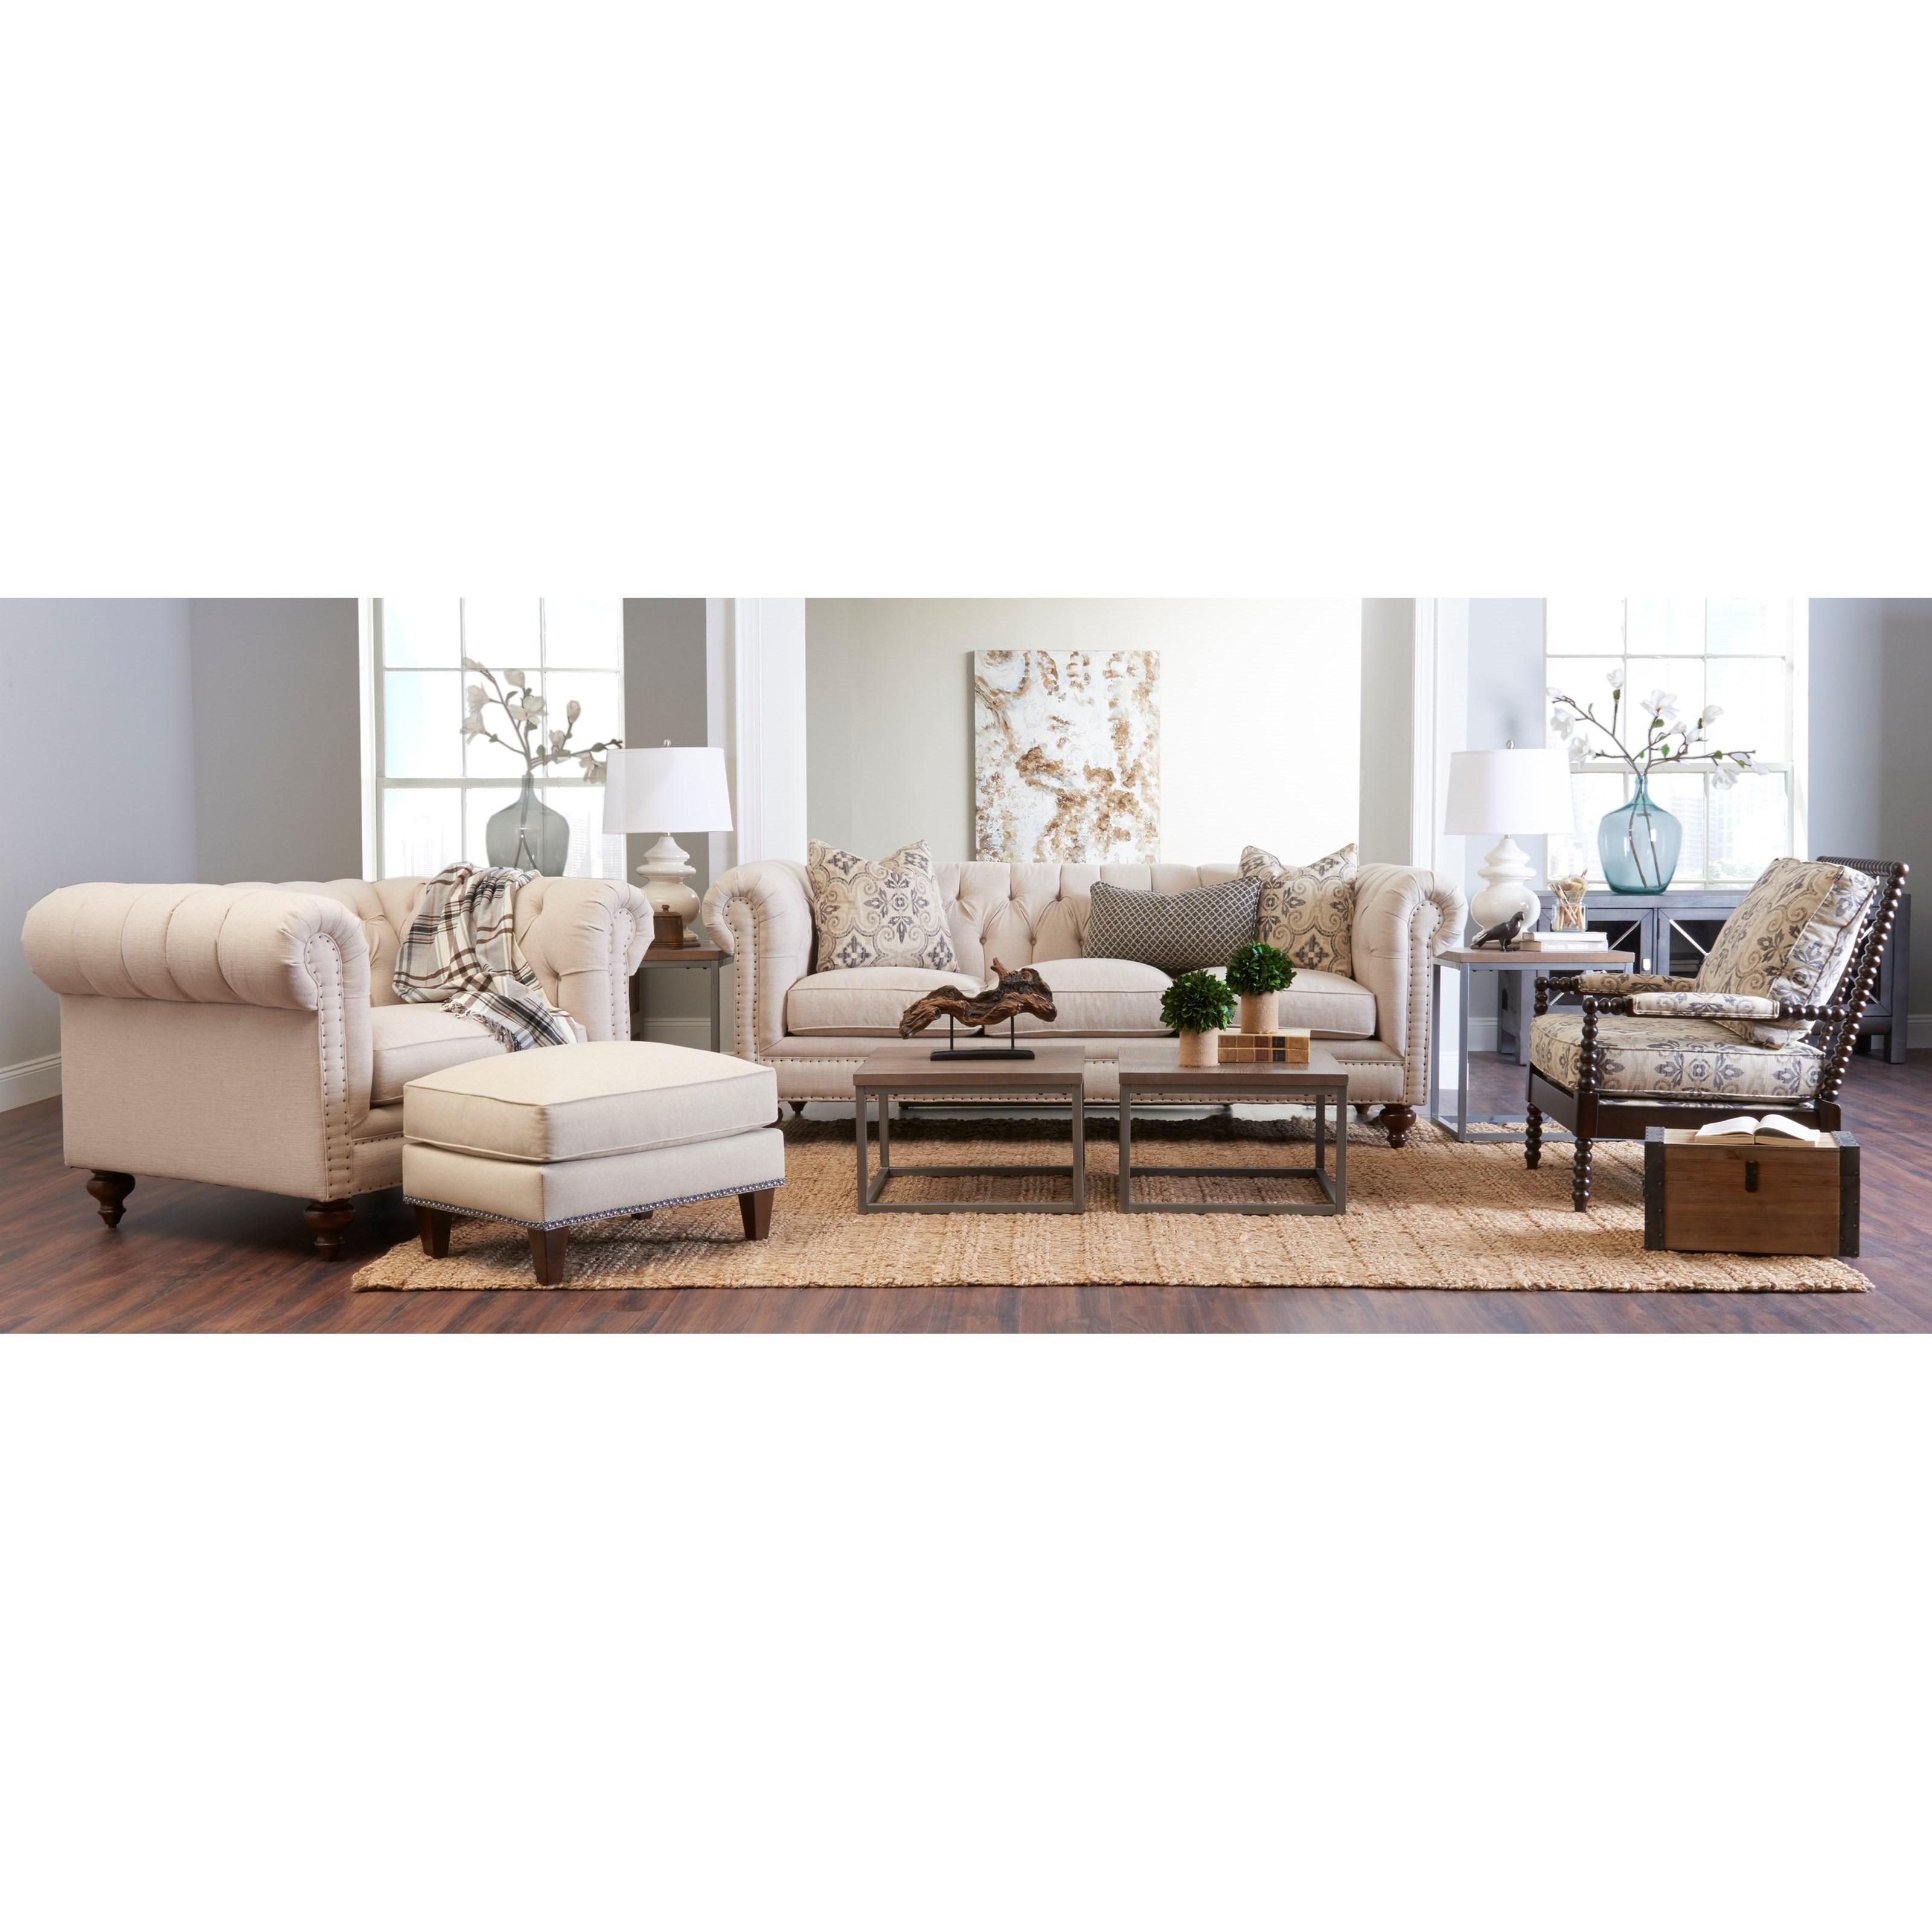 Klaussner Charlotte Living Room Group Hudson 39 S Furniture